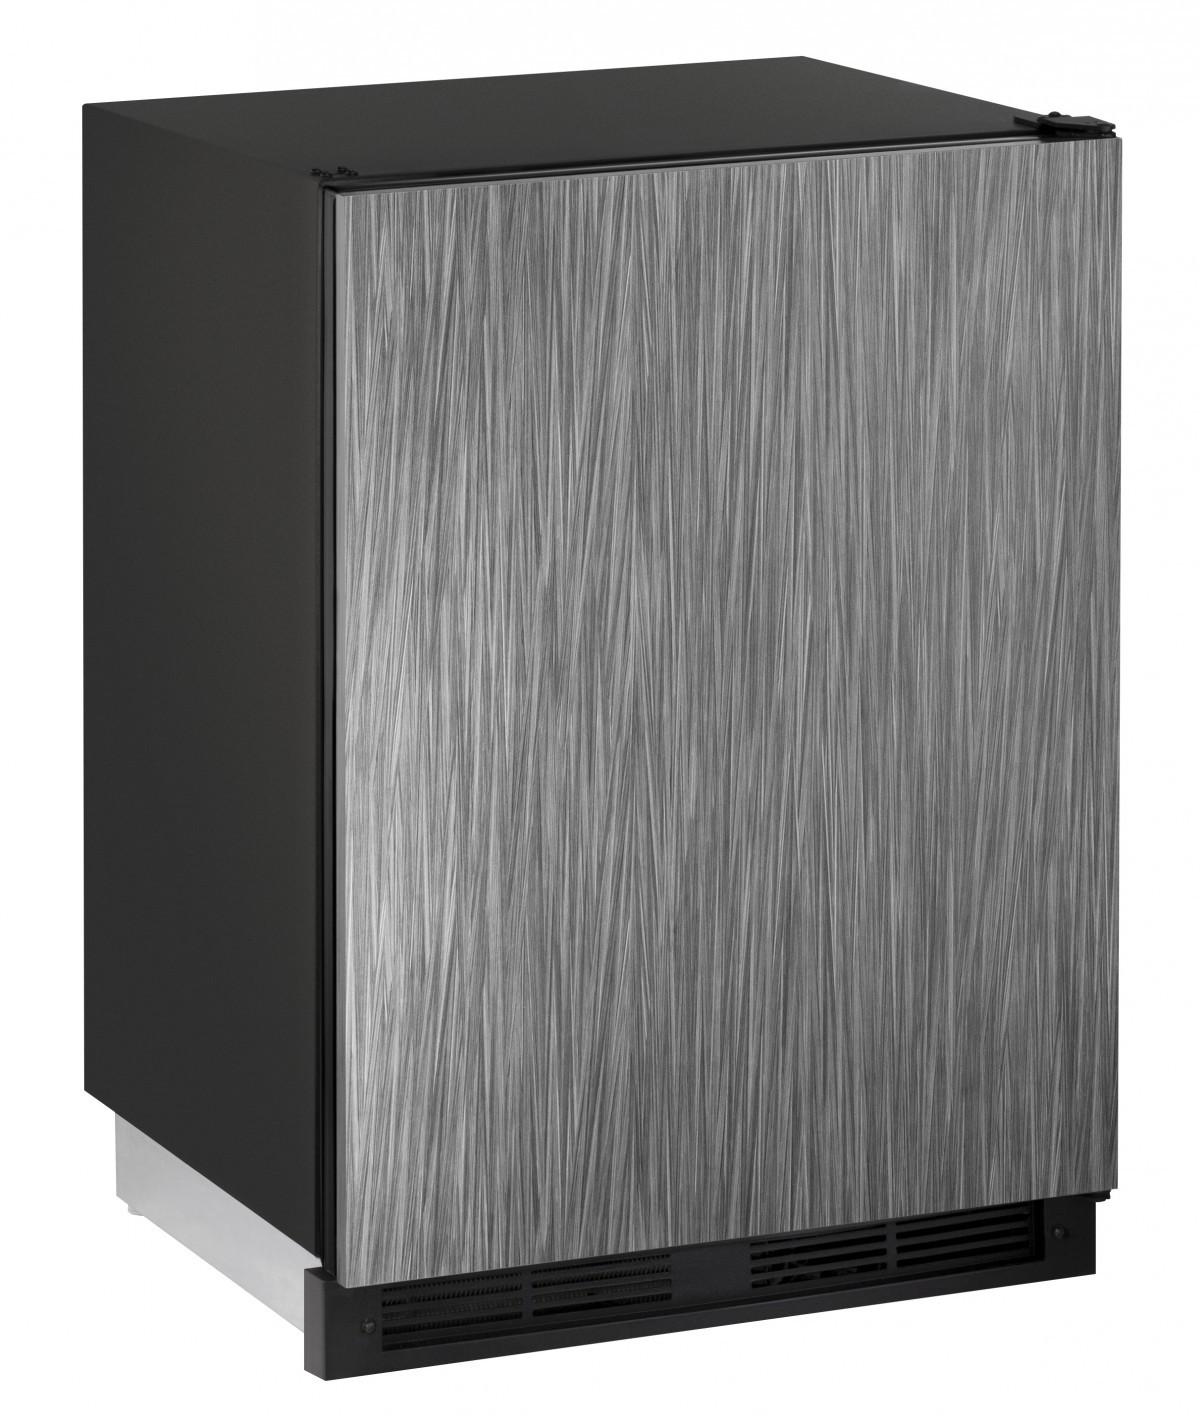 U Line U1224fzrint00a 24 Inch Built In Convertible Freezer